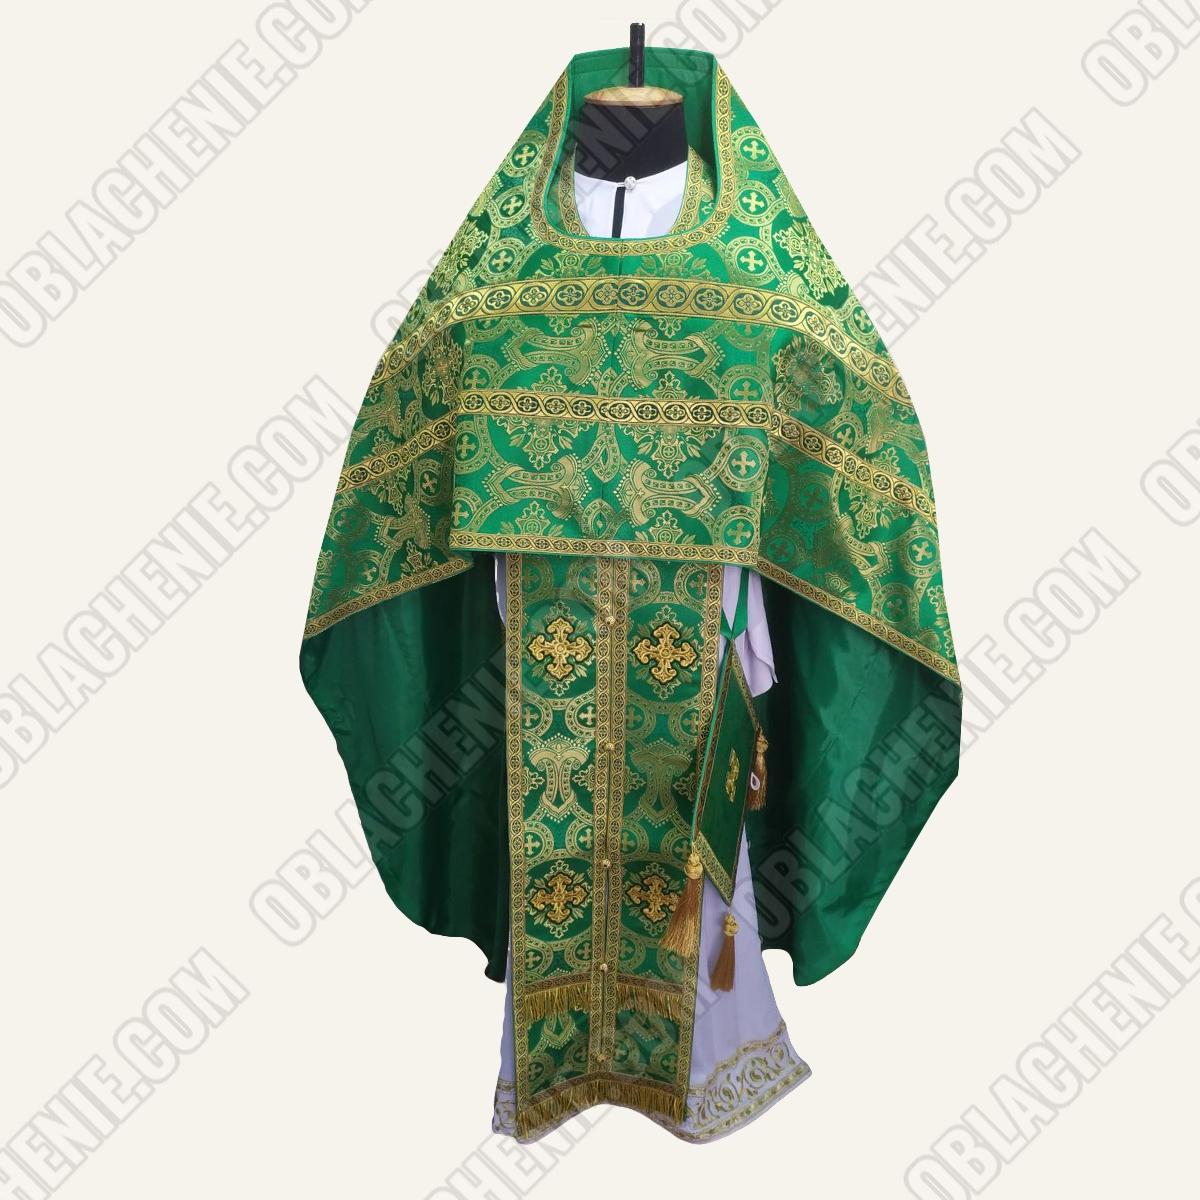 PRIEST'S VESTMENTS 11186